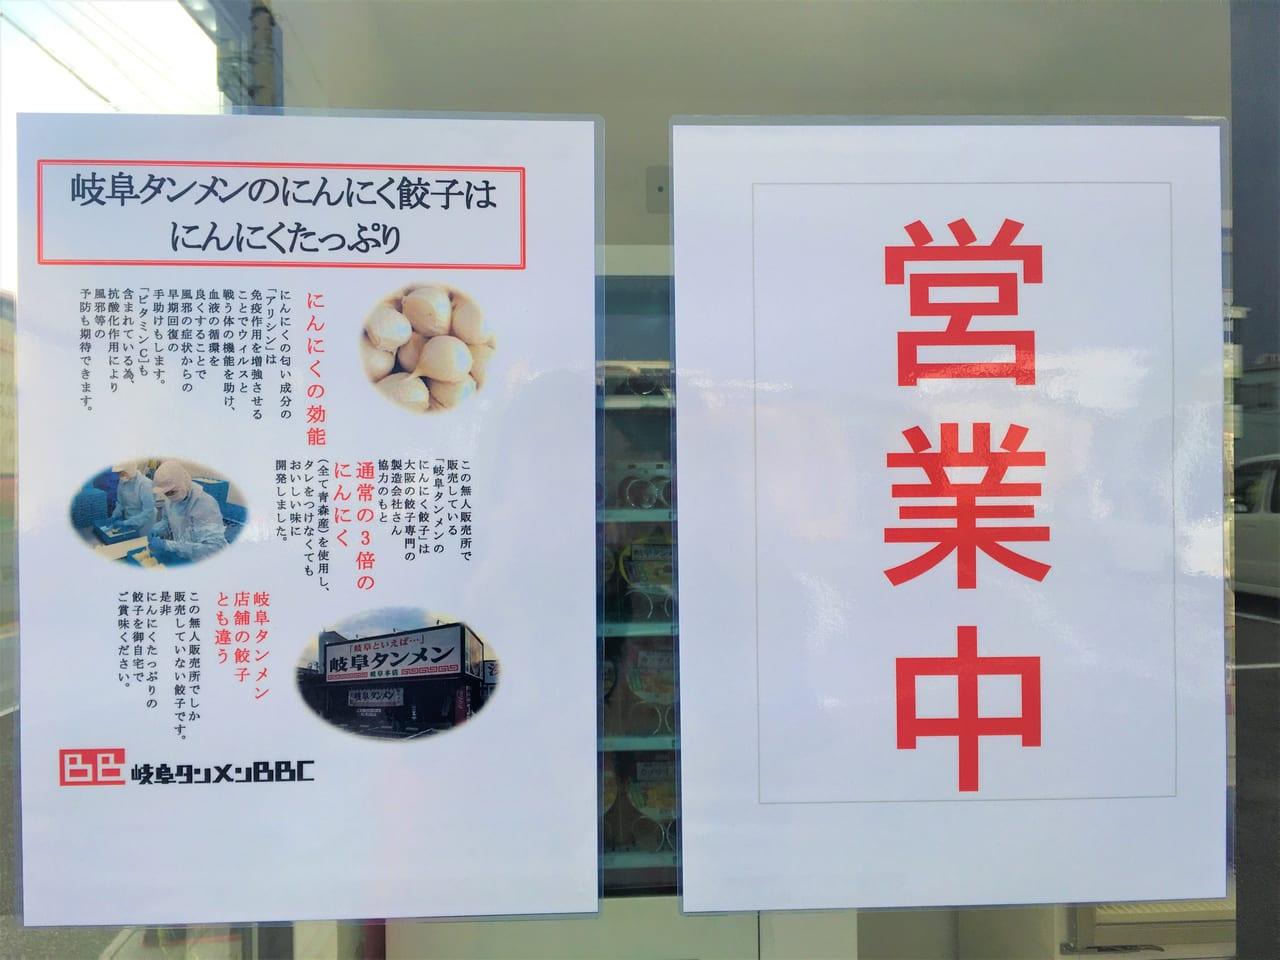 岐阜タンメン にんにく餃子 24時間無人販売所の外観にあった看板